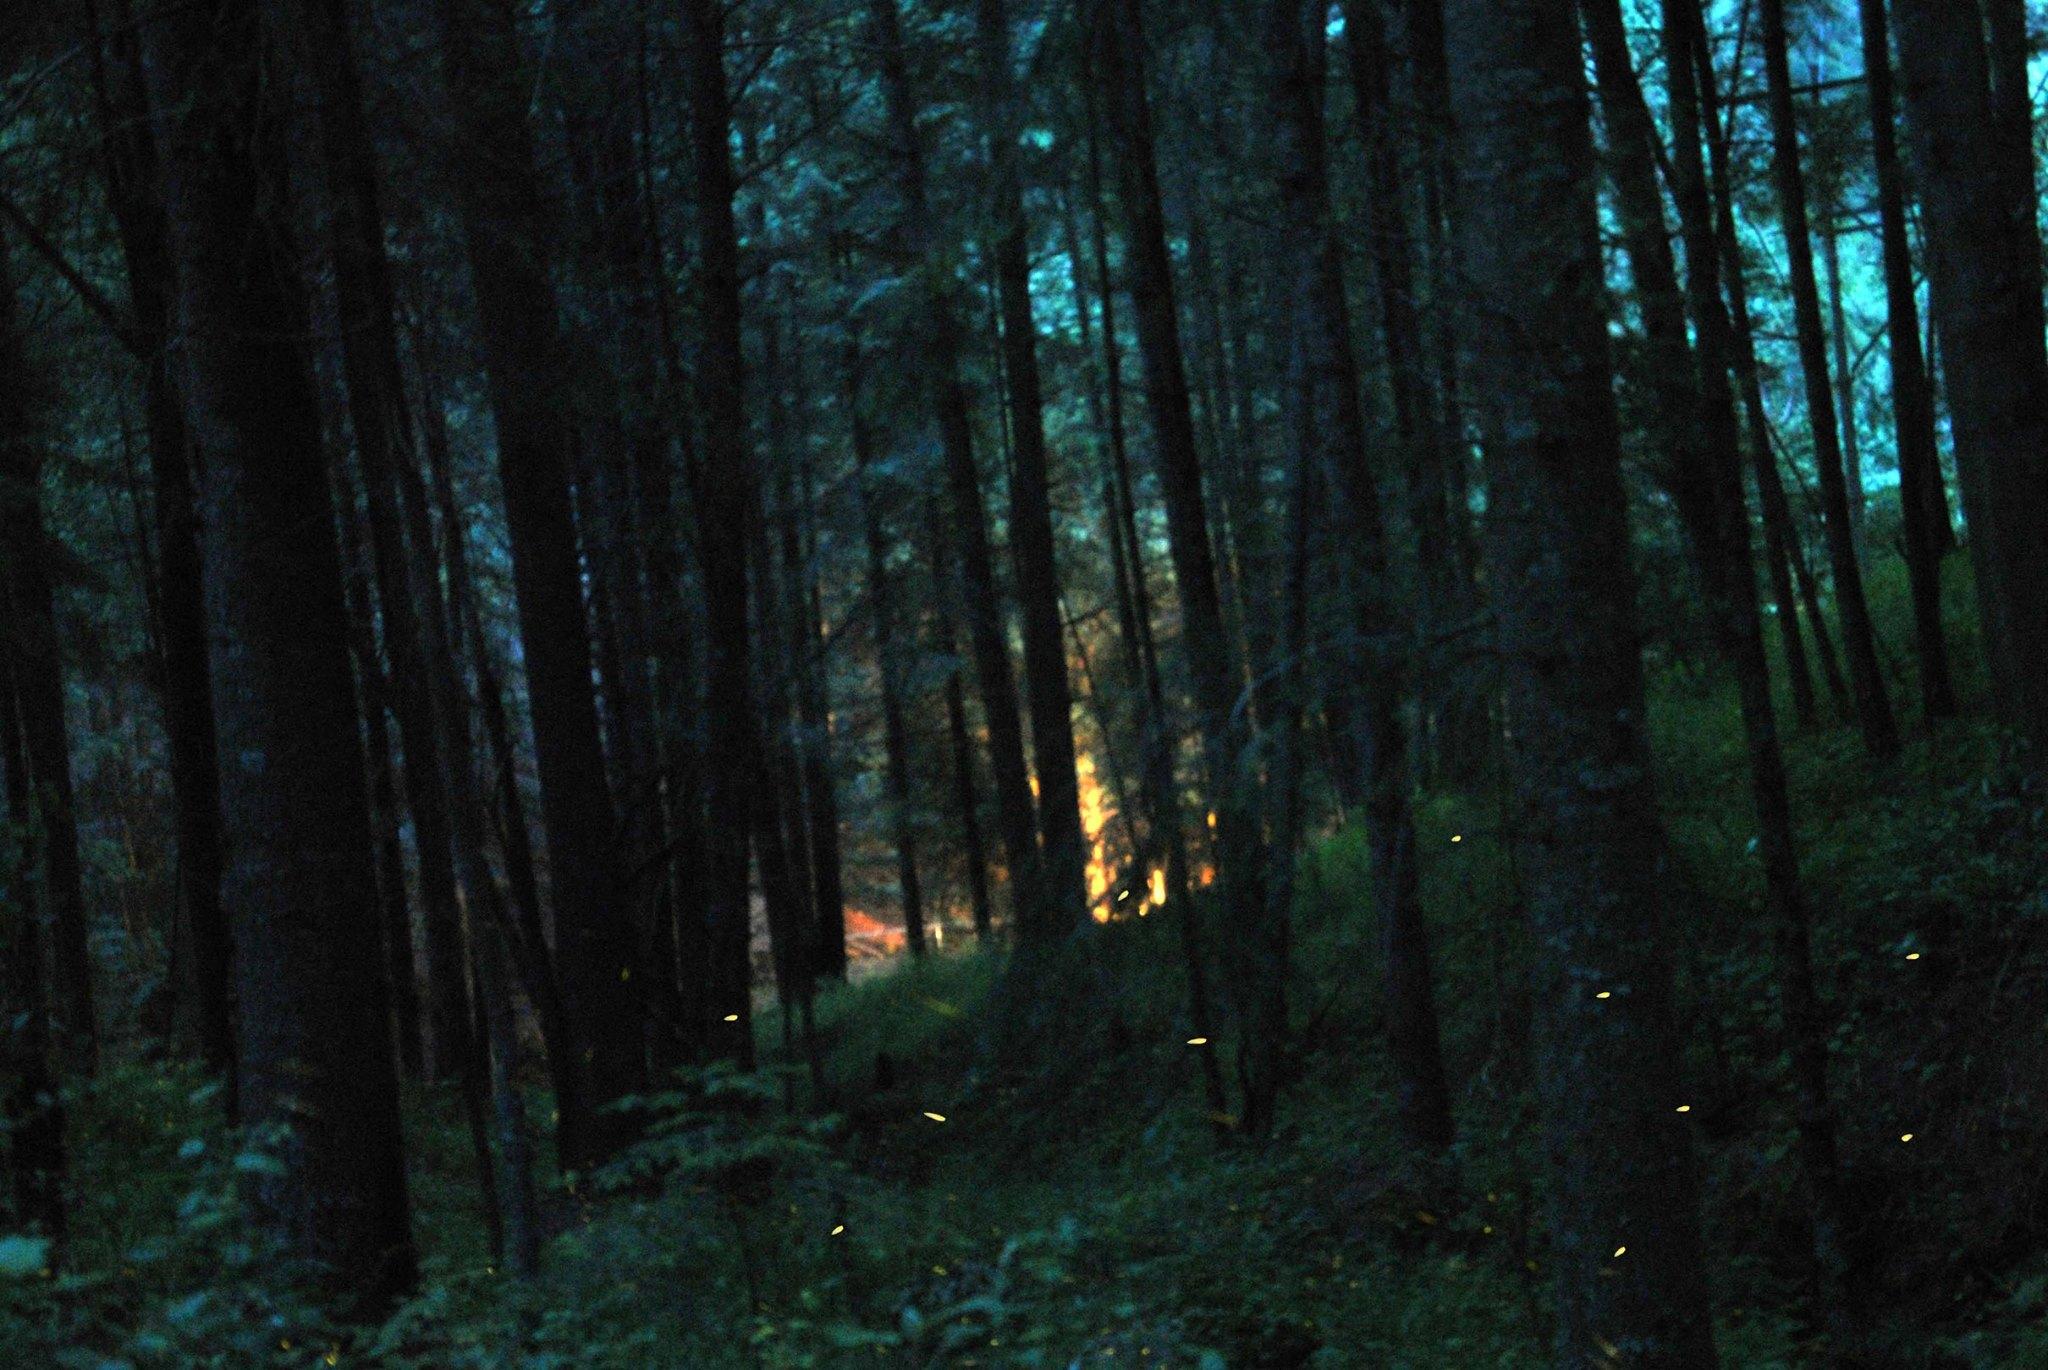 Descubre la magia del santuario de las luci rnagas Espectaculo de luciernagas en tlaxcala